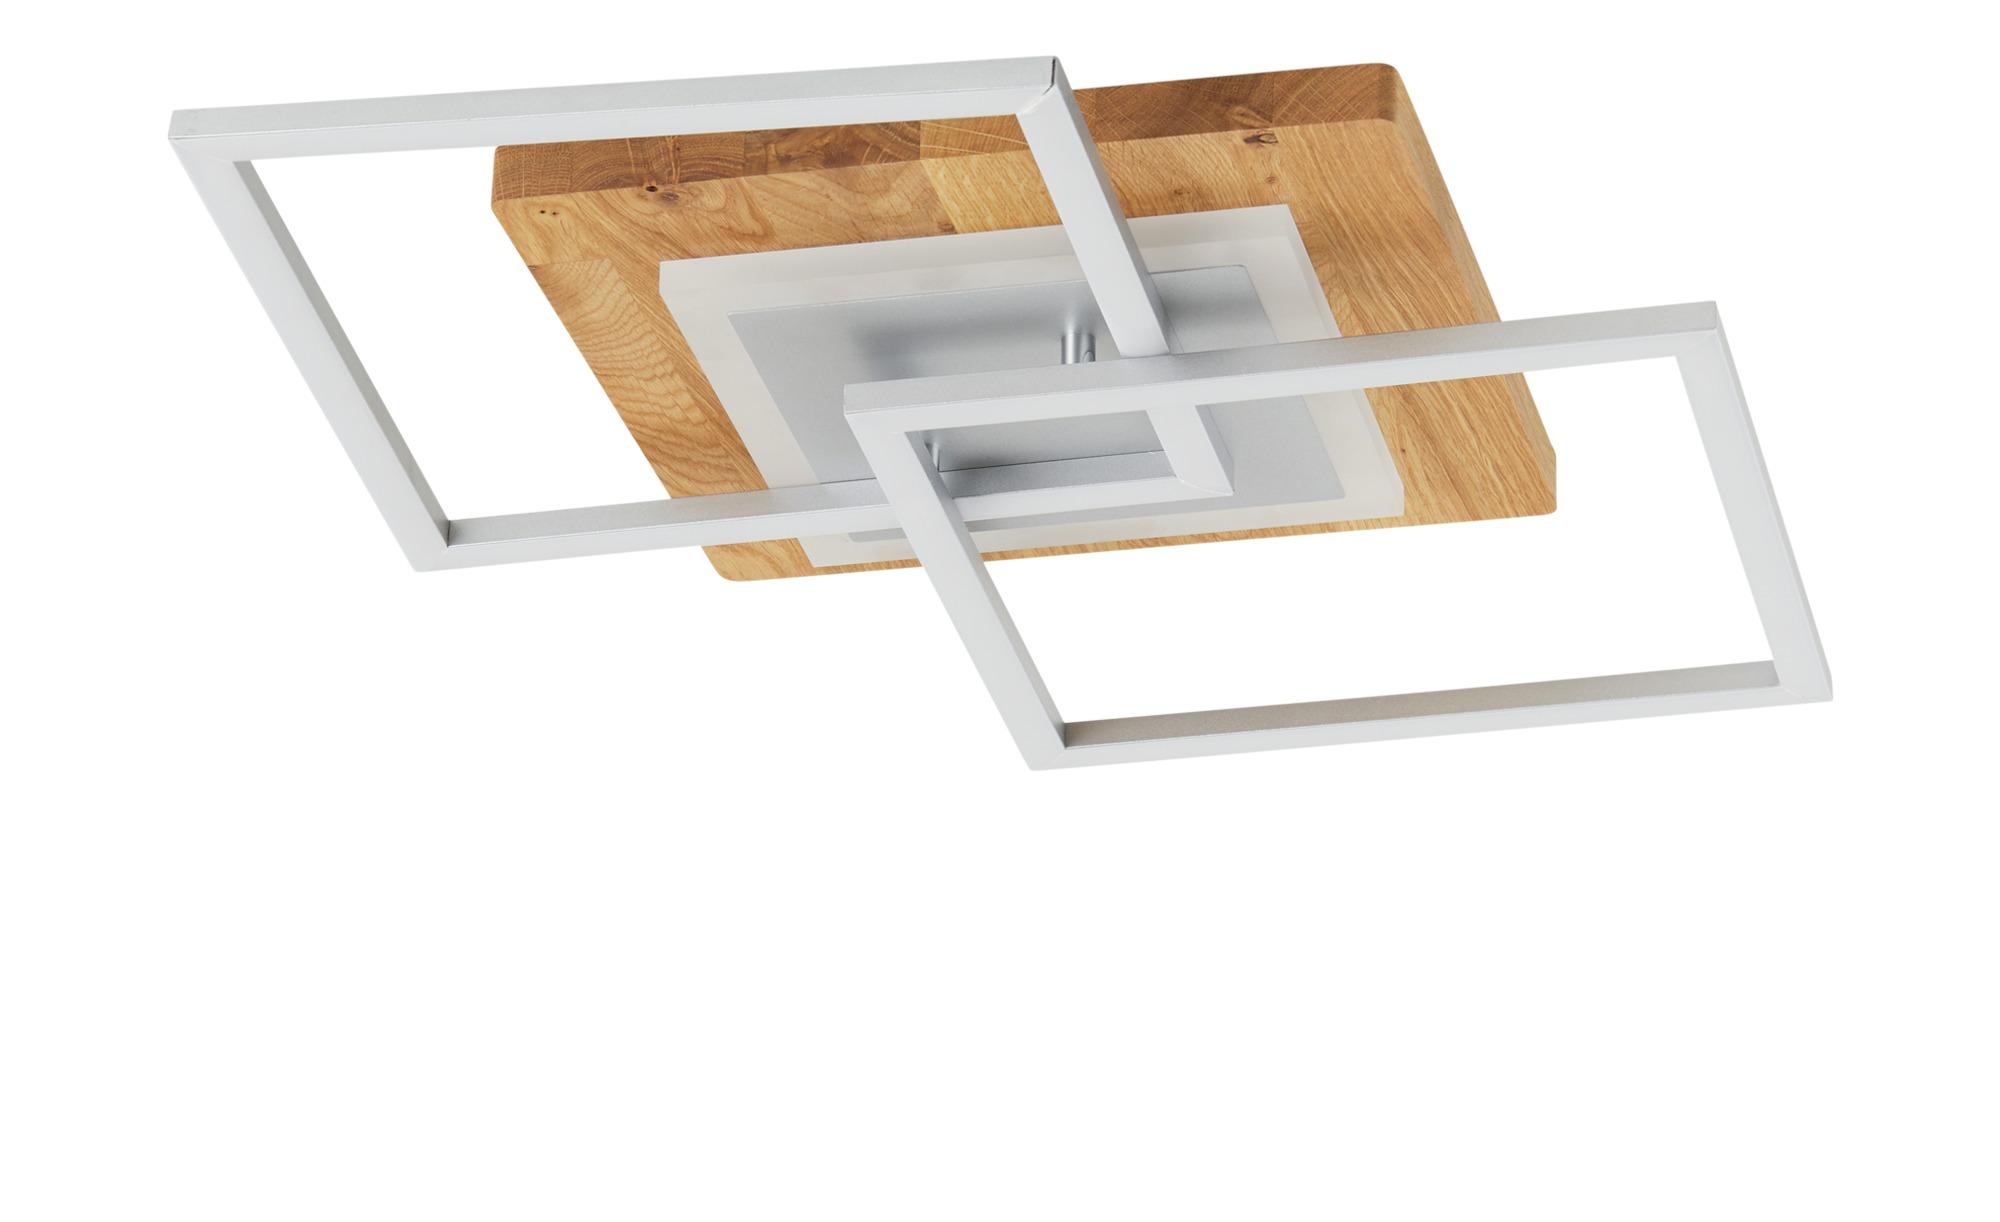 LED-Deckenleuchte, 2-flammig, Asteiche ¦ holzfarben ¦ Maße (cm): B: 57 H: 7 Lampen & Leuchten > Innenleuchten > Deckenleuchten - Höffner